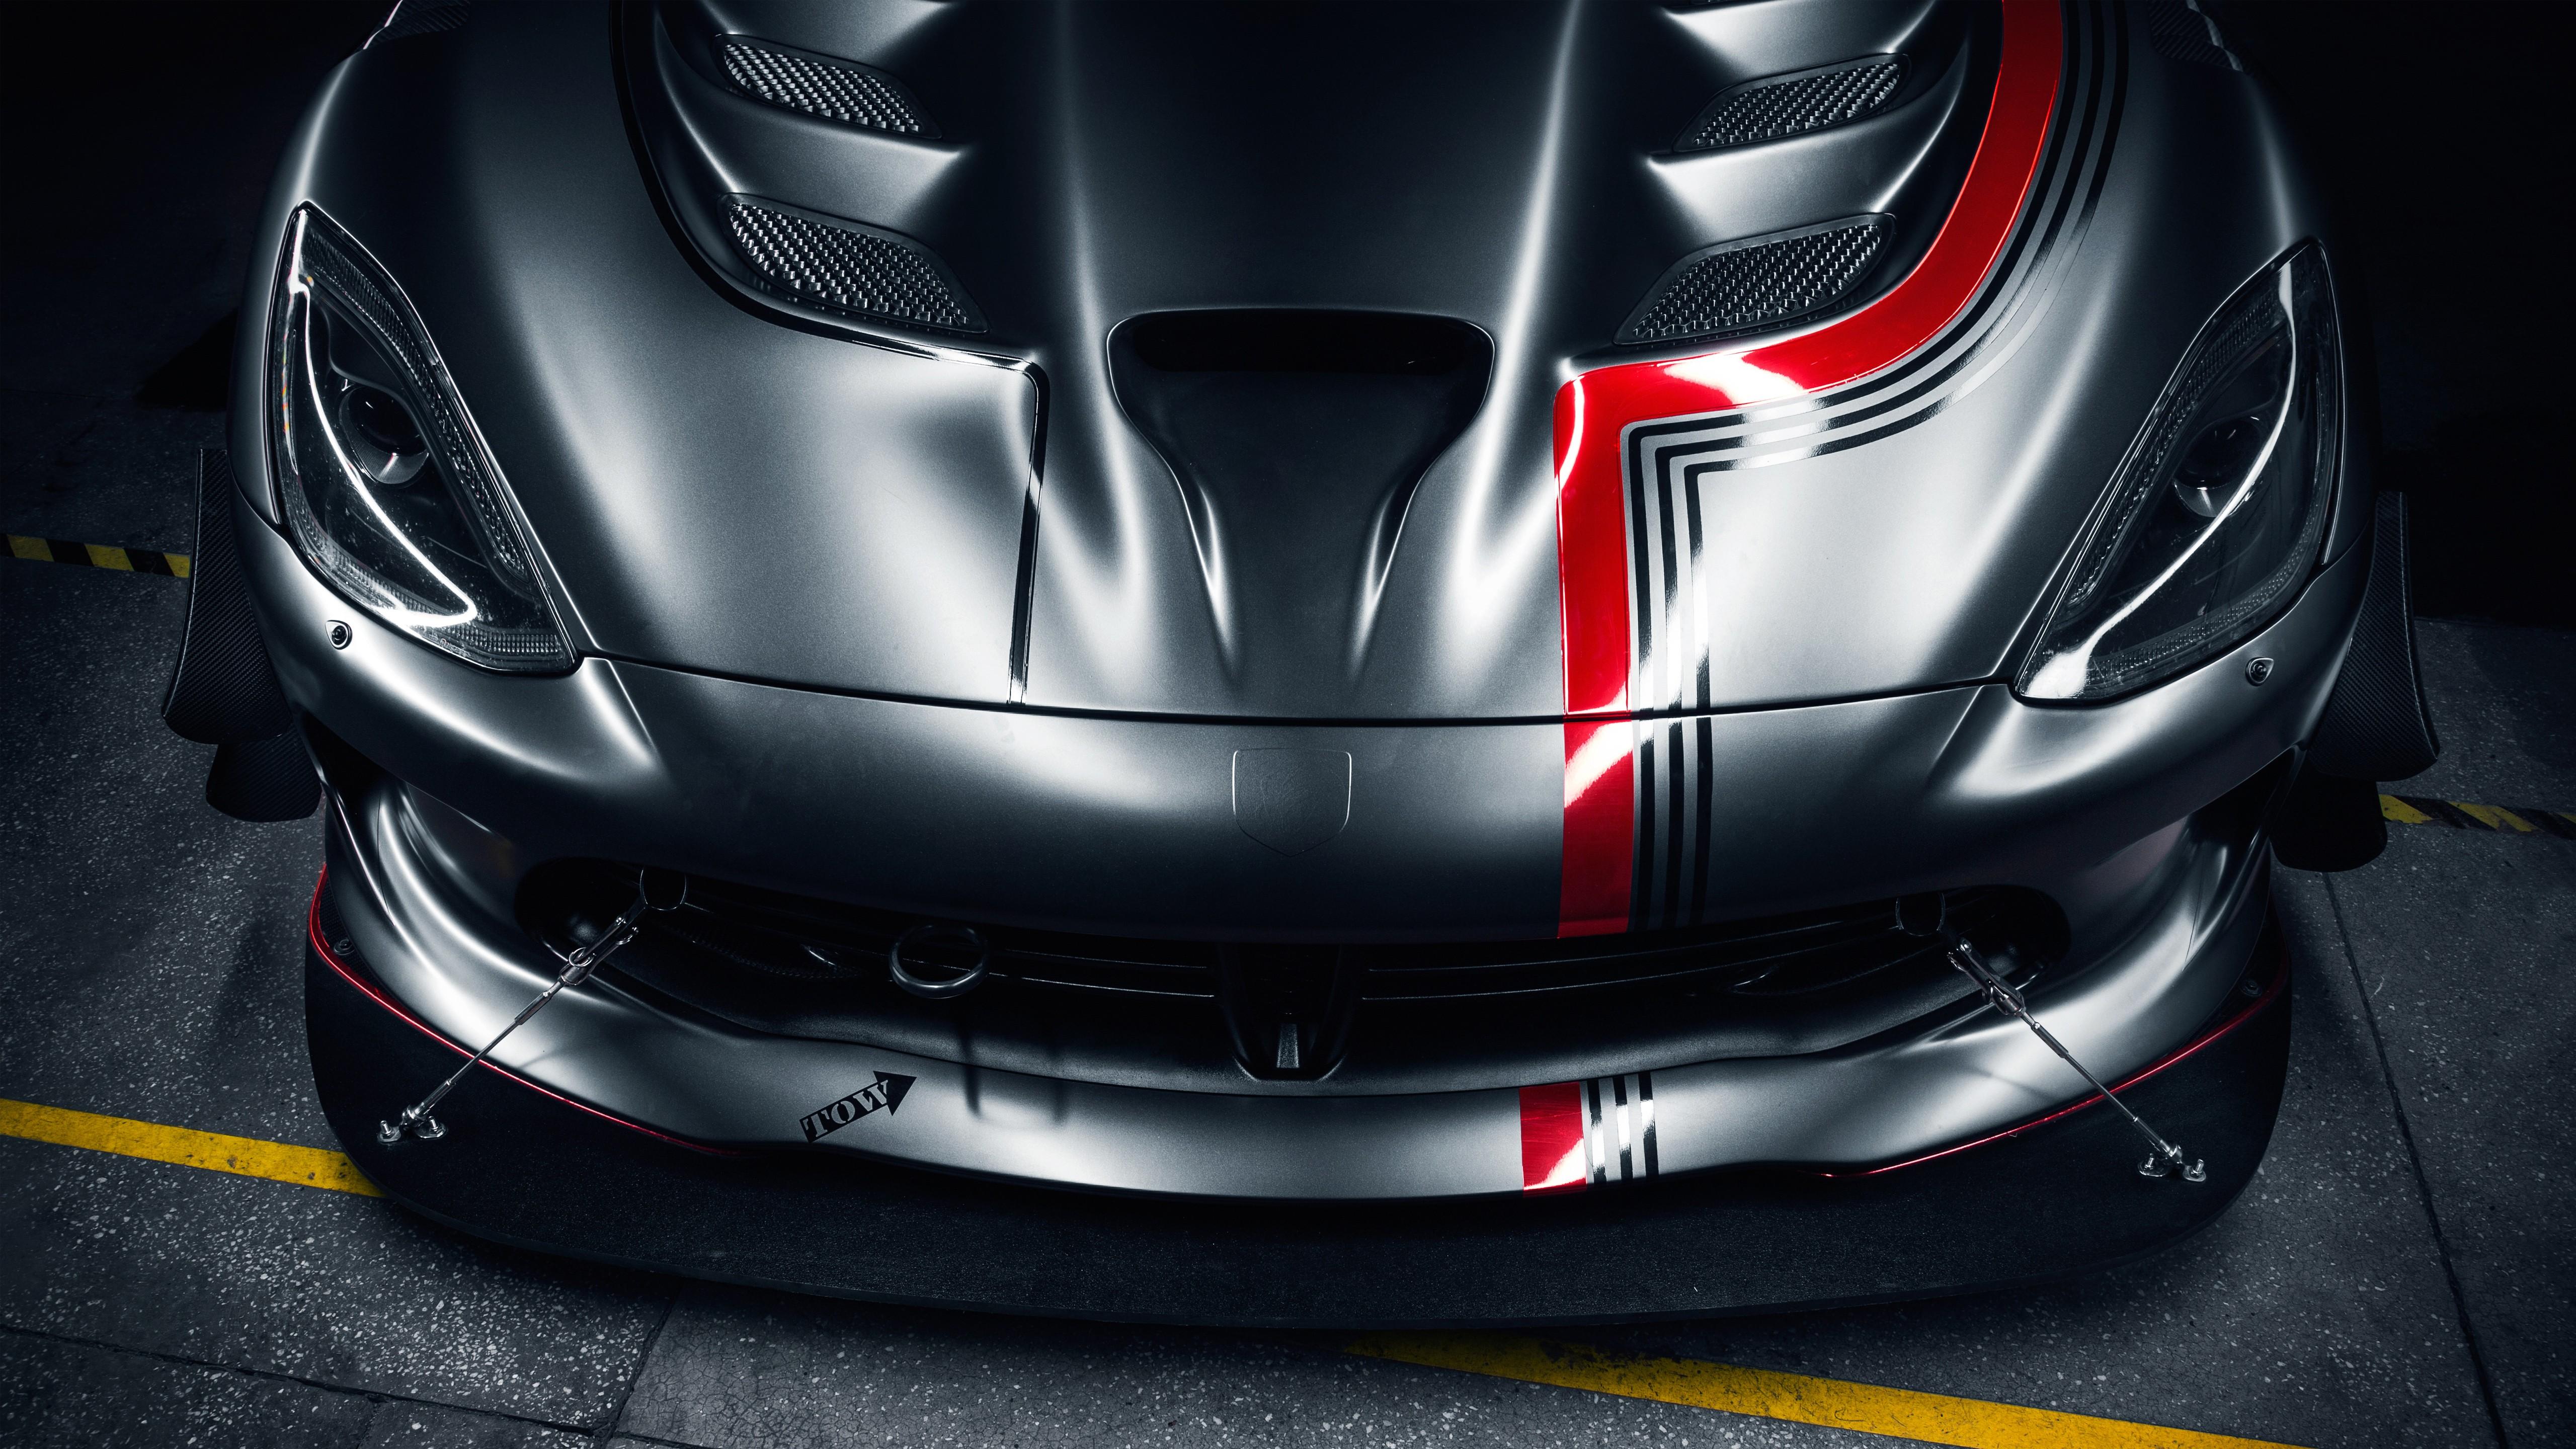 Dodge Viper Acr 5k Wallpaper Hd Car Wallpapers Id 10662